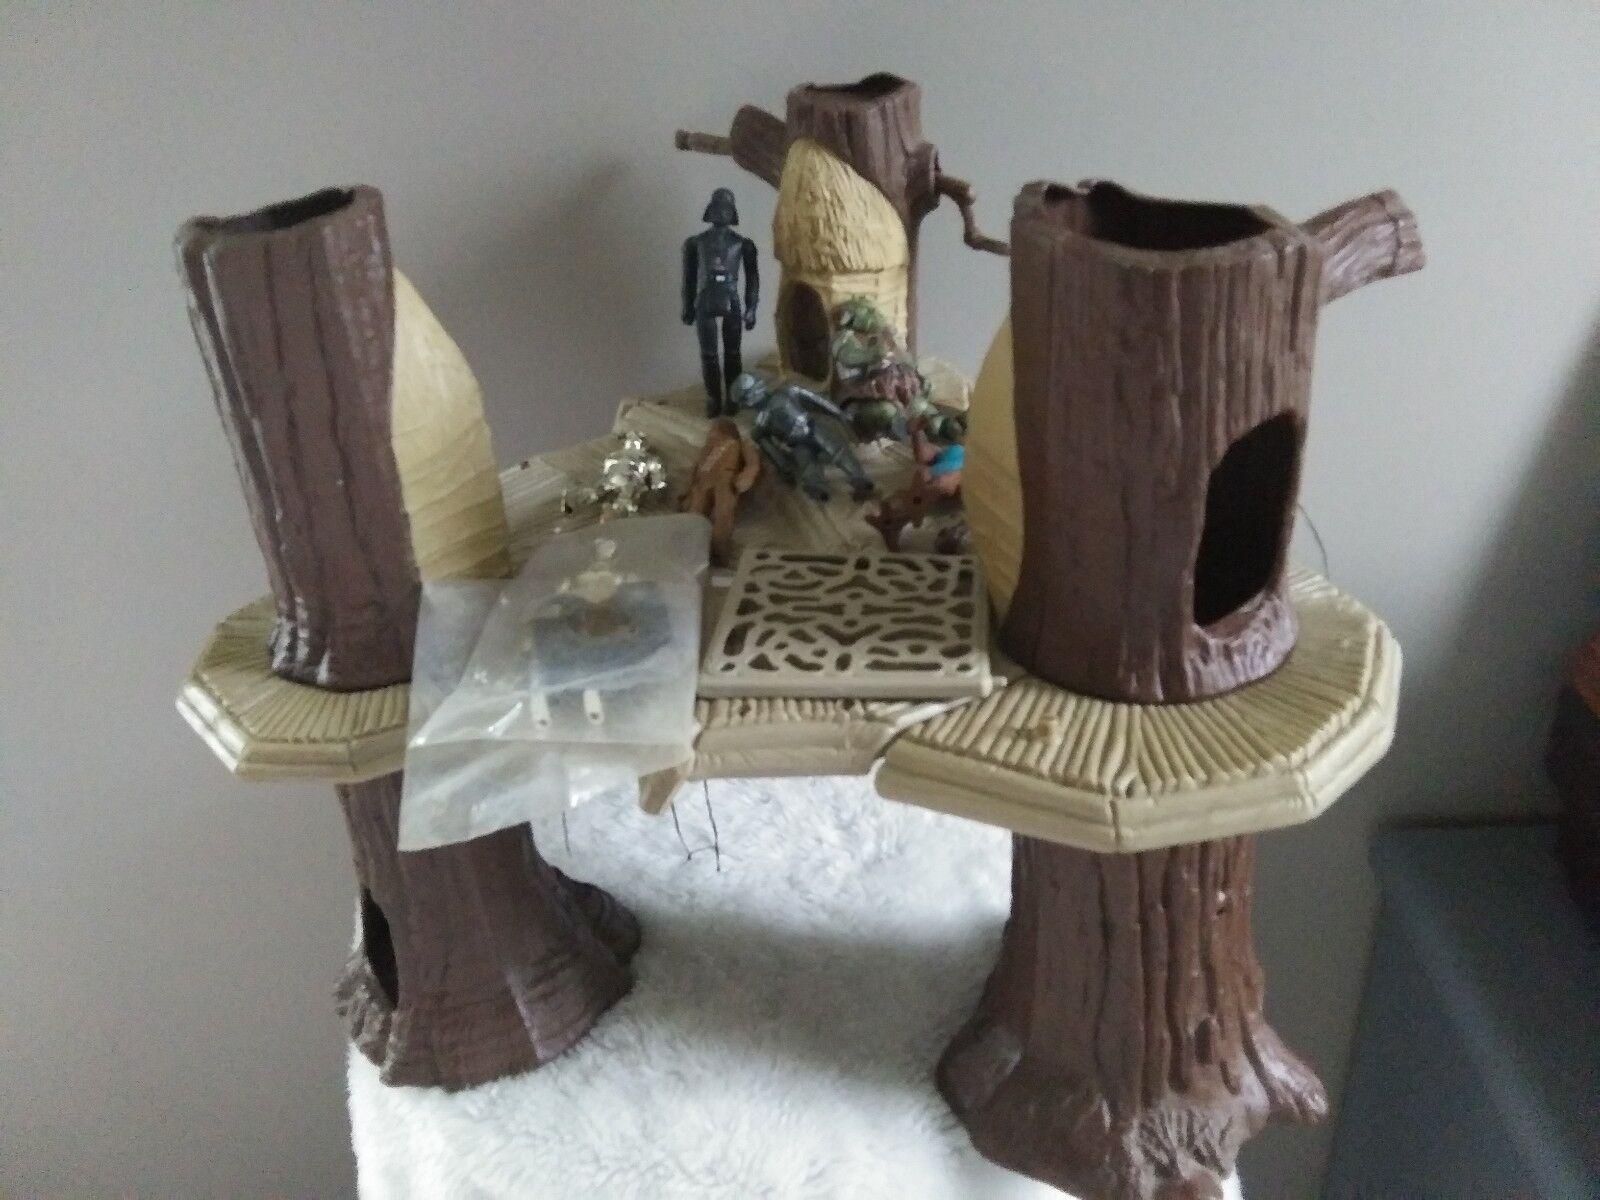 Vintage 1983 Kenner Star Wars Ewok Village Playset Tree Platform With Parts